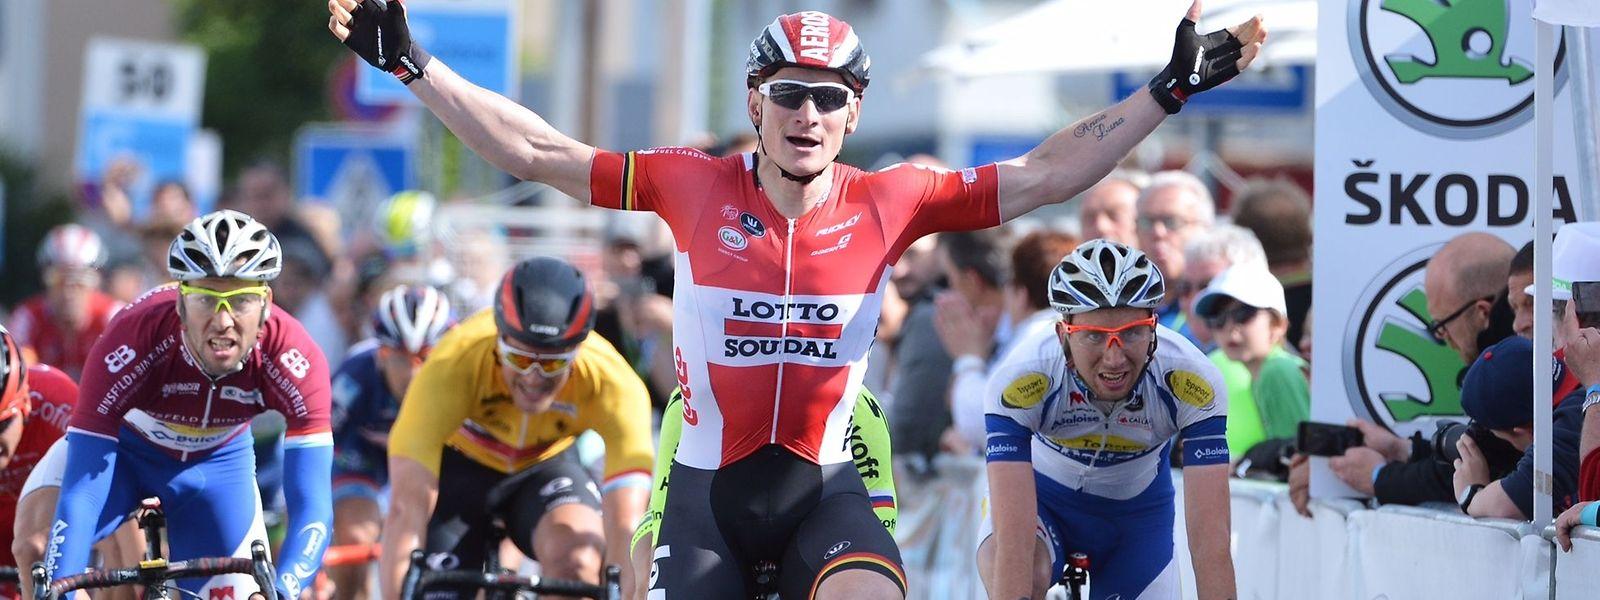 André Greipel s'est imposé haut la main à Hesperange, il s'agit de sa septième victoire sur l'épreuve luxembourgeoise.